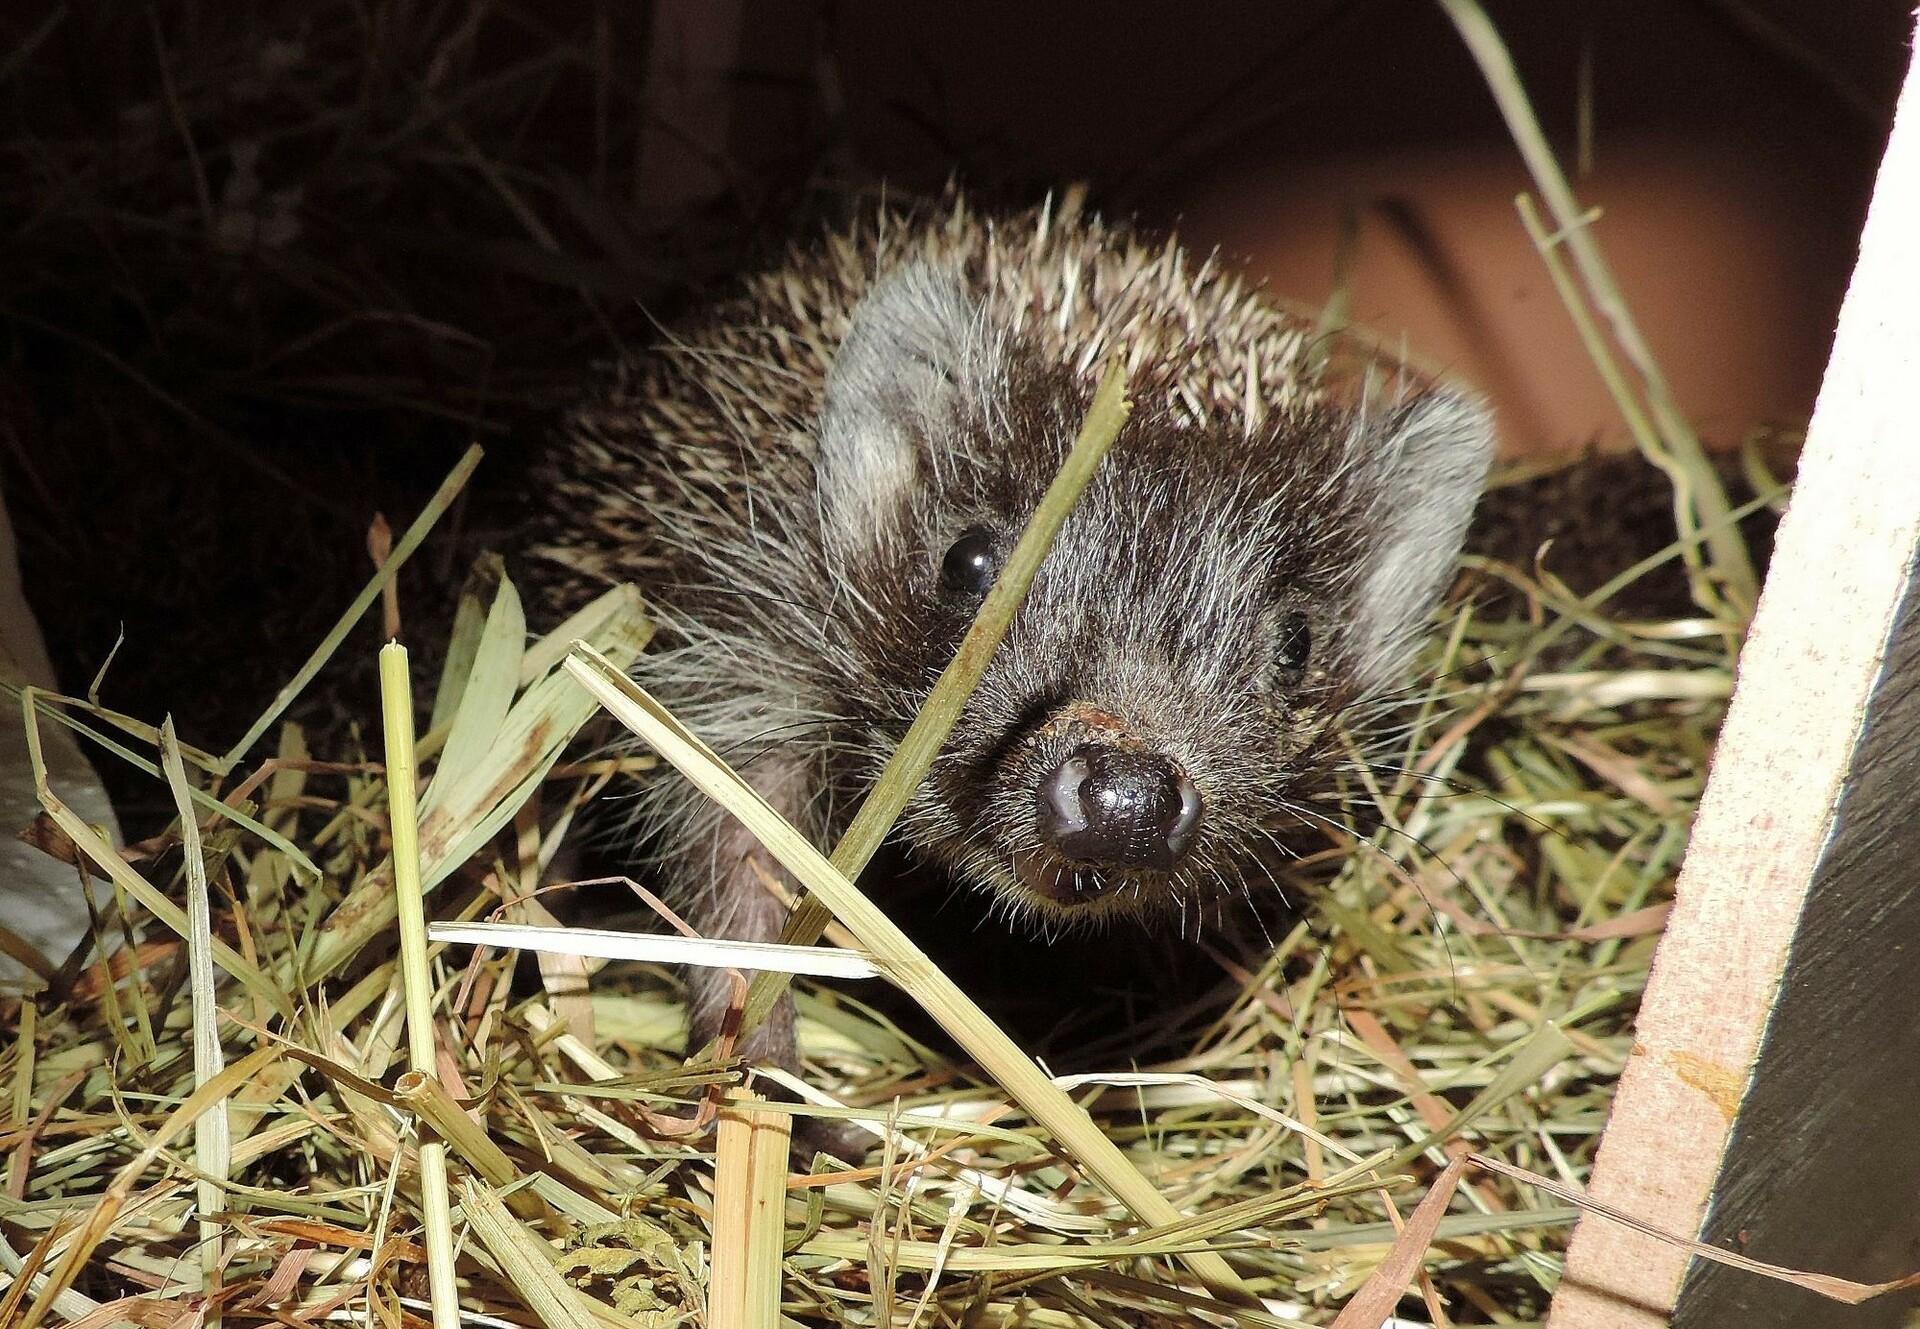 Found a hedgehog?